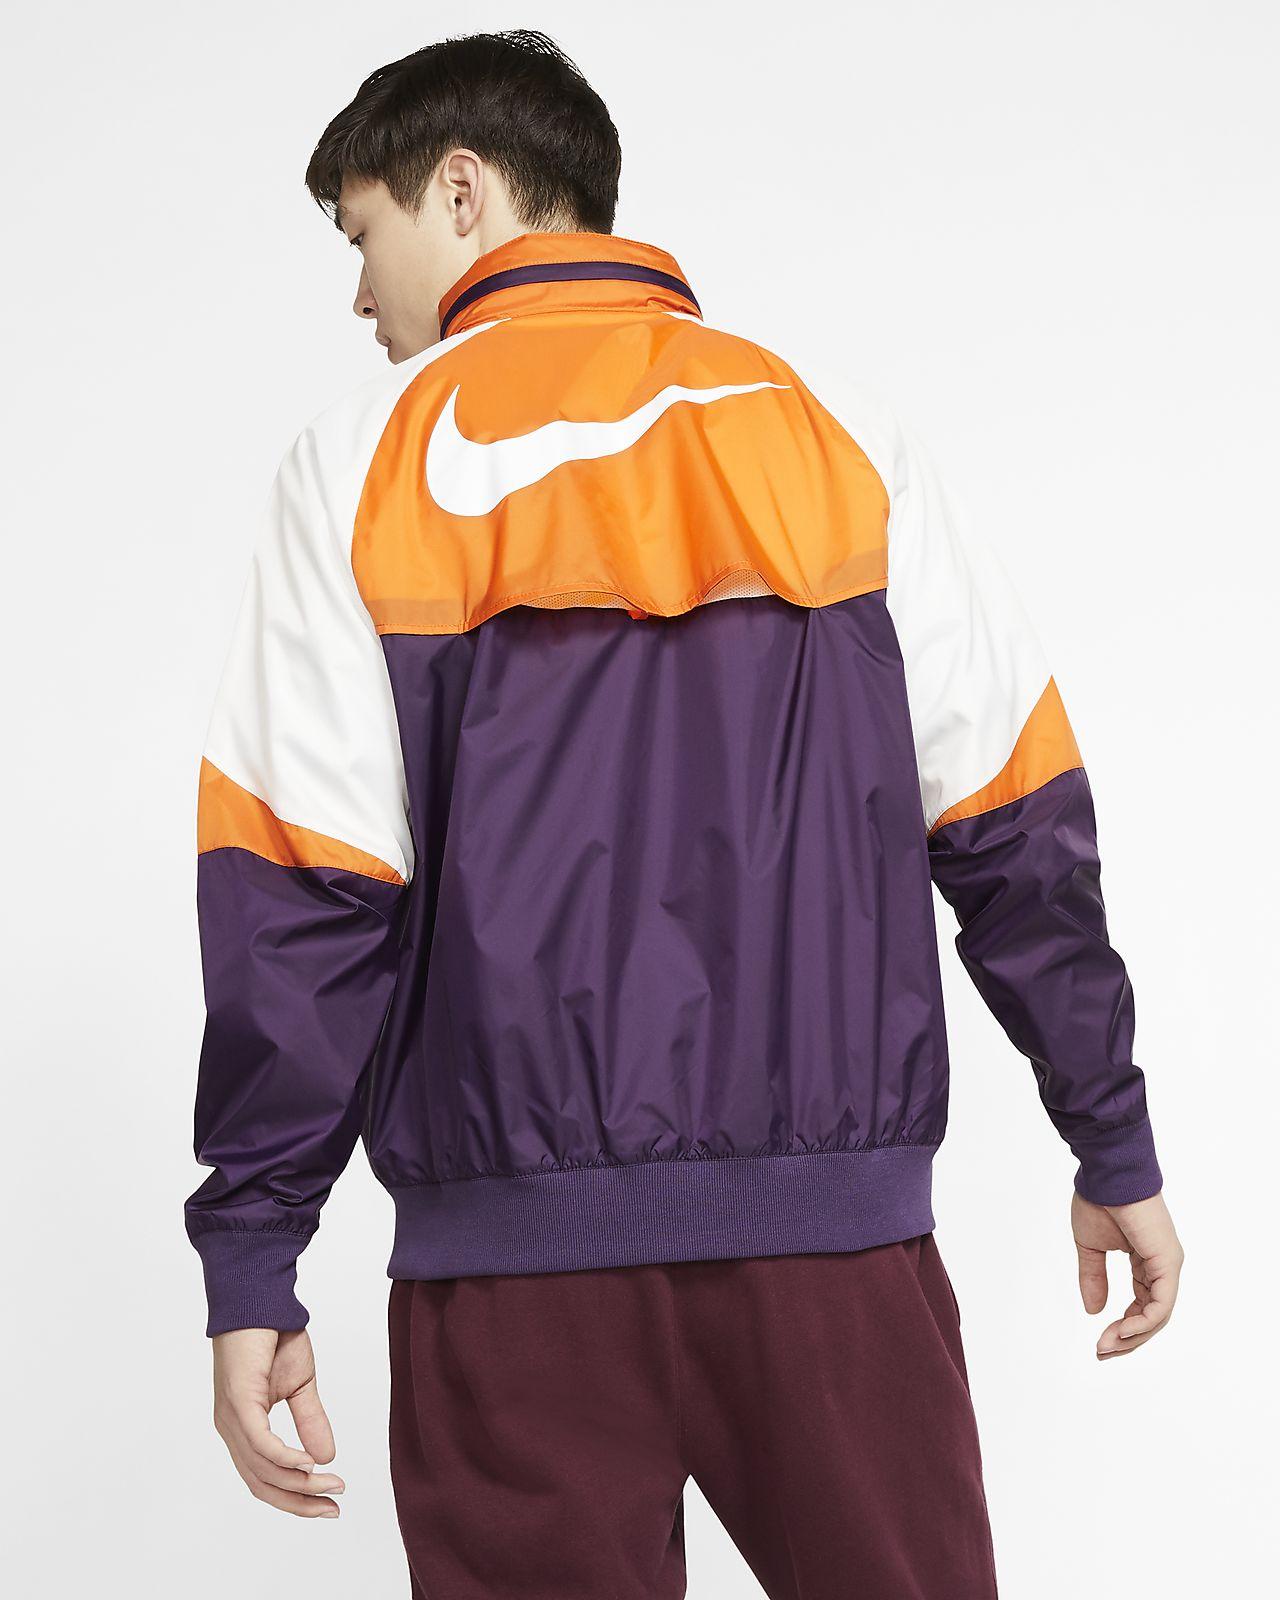 XL Nike 2017 Sportswear Windrunner Women/'s Jacket 904306 644 Sz Small